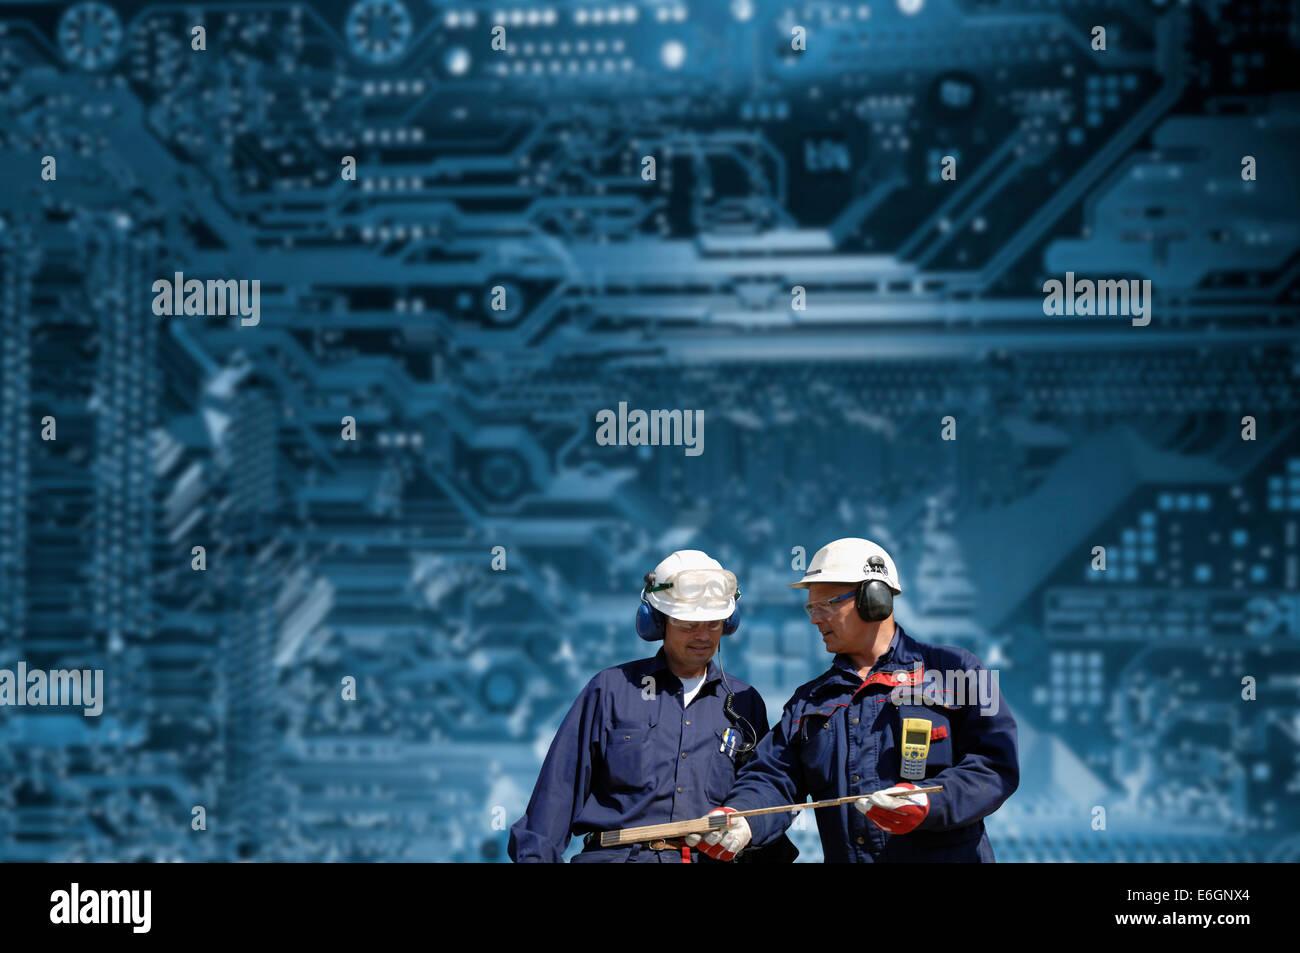 Ingenieurwesen und Technologie-Konzept Stockfoto